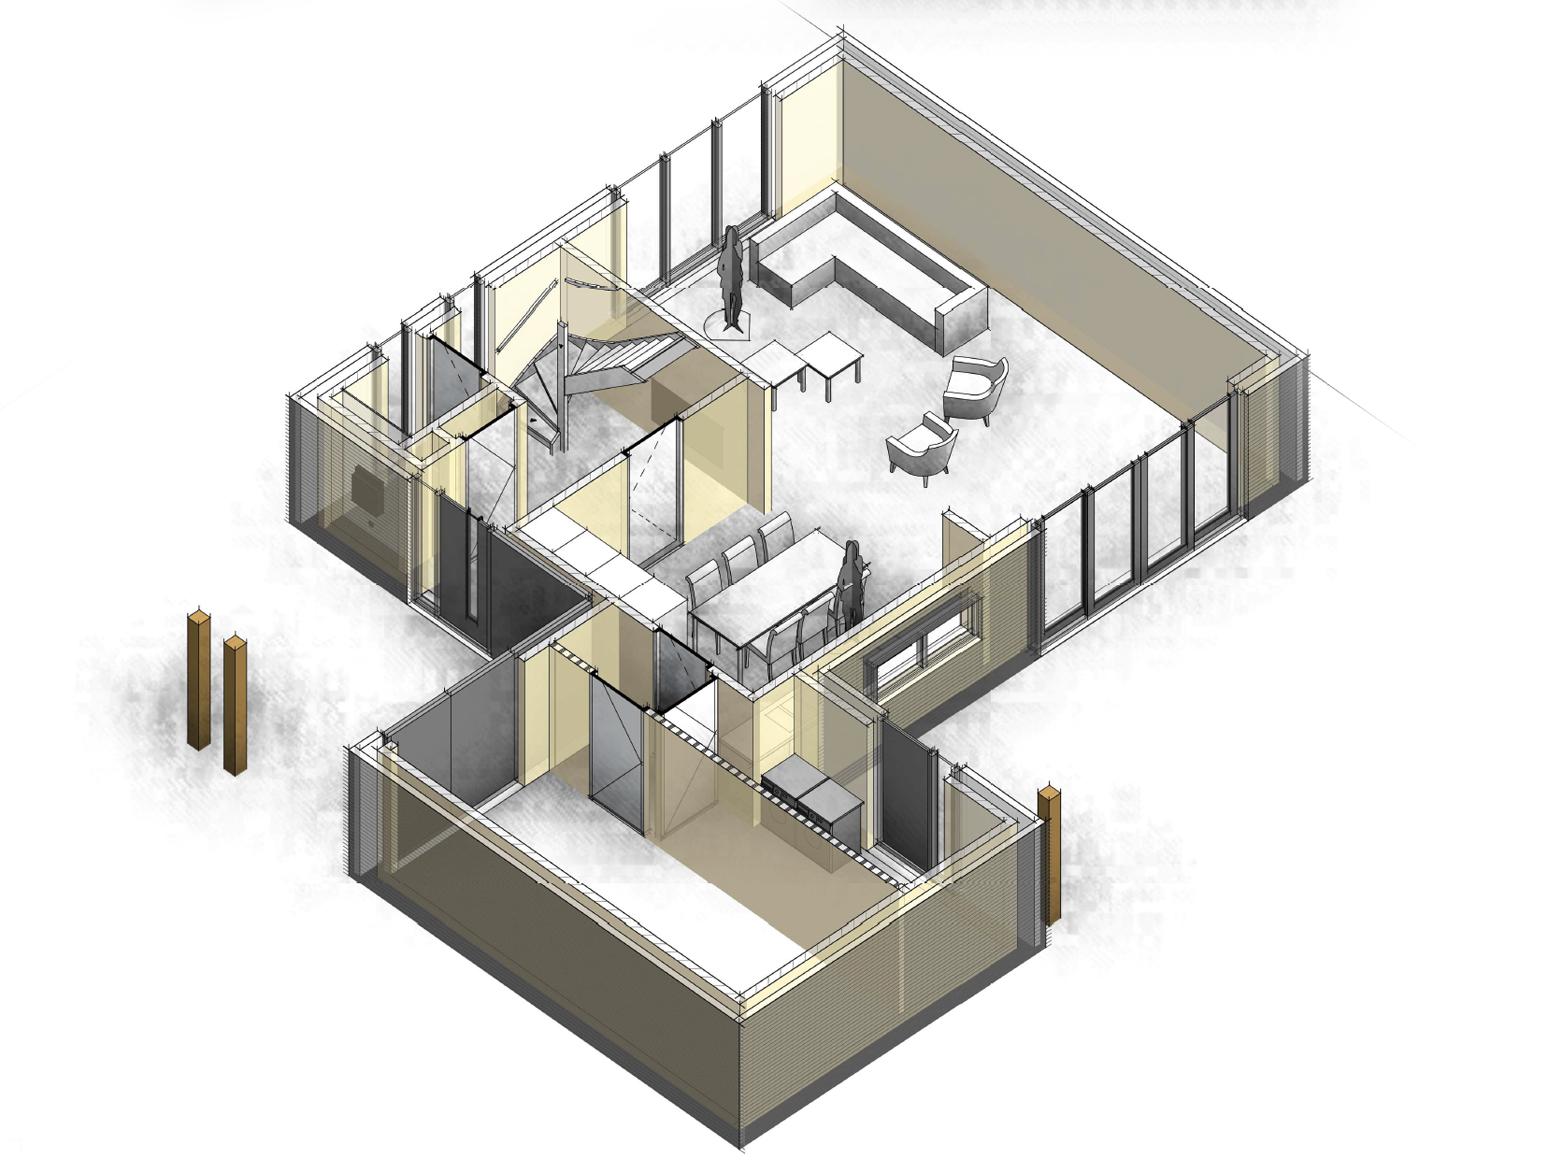 vrijstaande-woning-eigentijds-vlakke-pan-donker-metselwerk-te-twello-van-oord-architectuur-en-design-architect-voorst-architect-apeldoorn-4